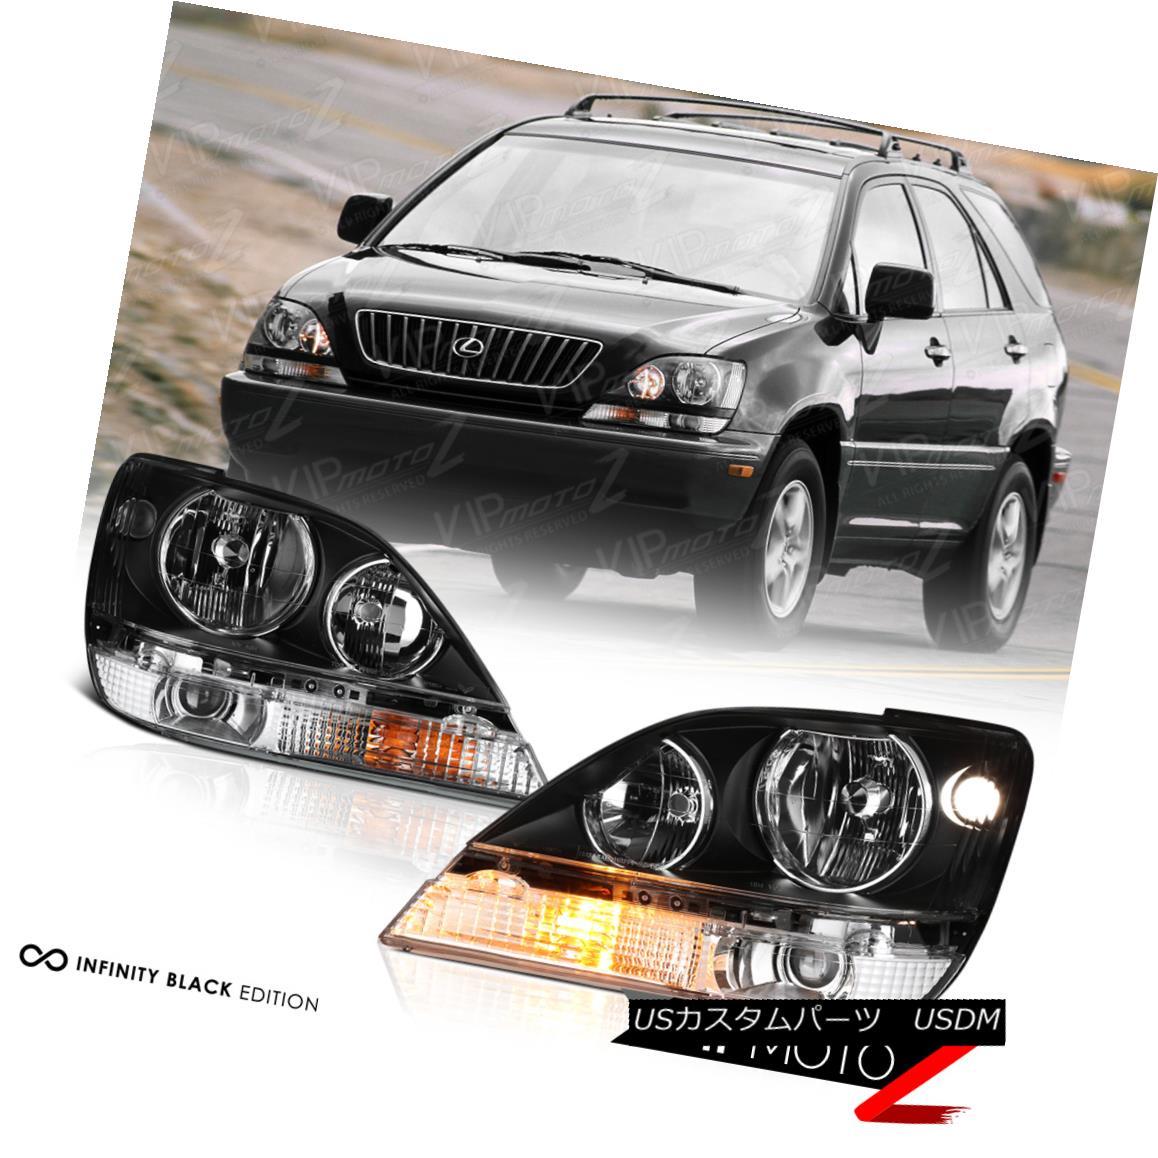 ヘッドライト 1999-2003 Lexus RX300 FWD AWD Black JDM Style Front Headlights Headlamp Assembly 1999-2003レクサスRX300 FWD AWDブラックJDMスタイルフロントヘッドライトヘッドランプアセンブリ